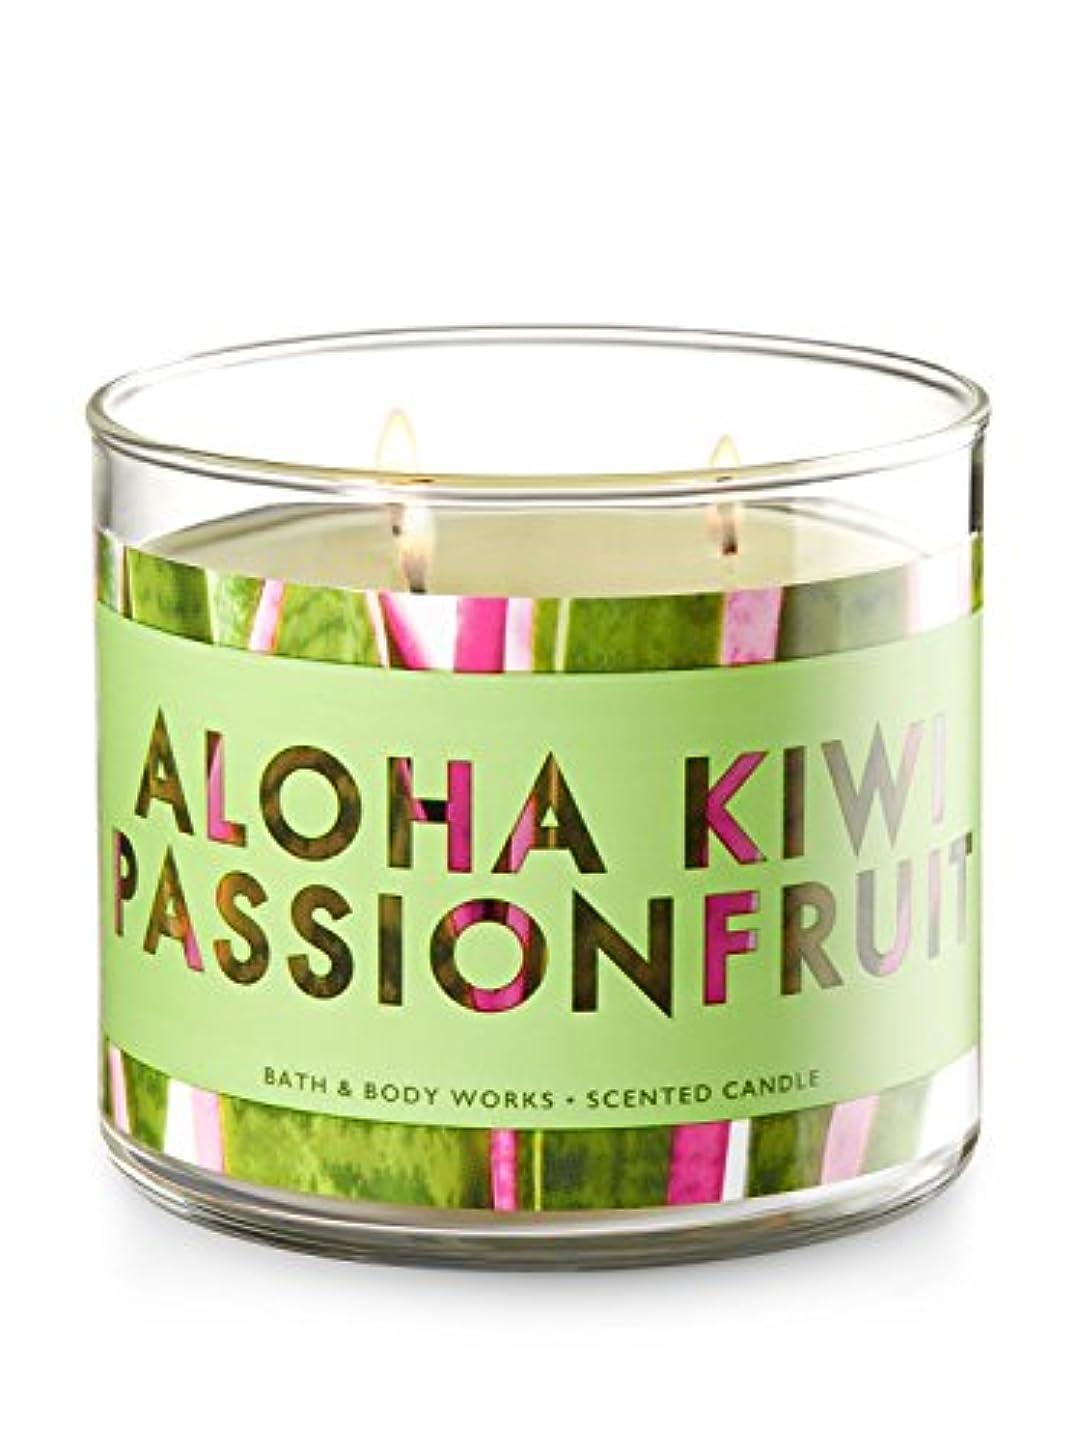 束はげジョイントBath and Body Works 3 Wick Scented Candle Aloha Kiwi Passionfruit 430ml